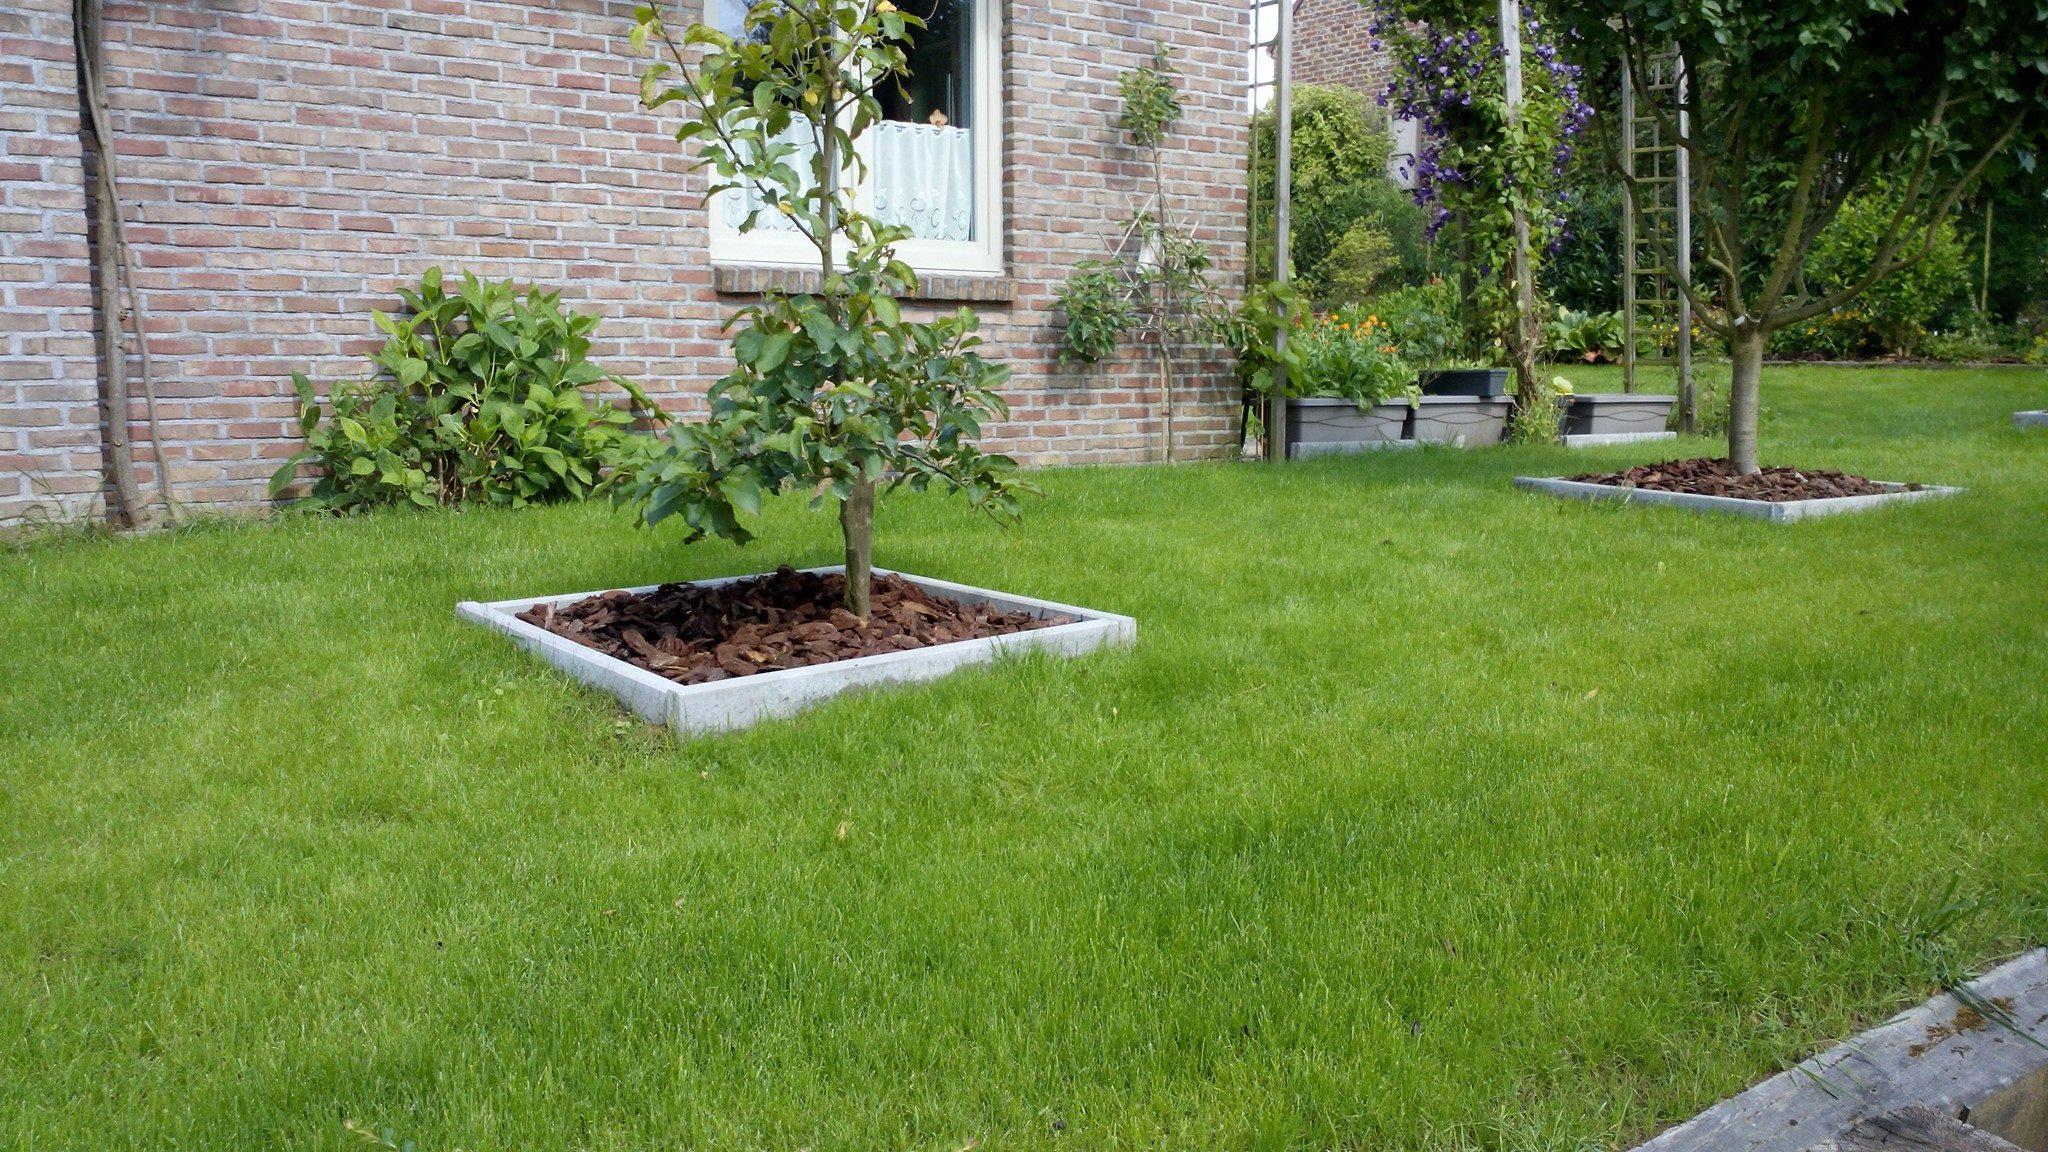 nouveau gazon avec semences jardinier laurent entreprise de jardin. Black Bedroom Furniture Sets. Home Design Ideas